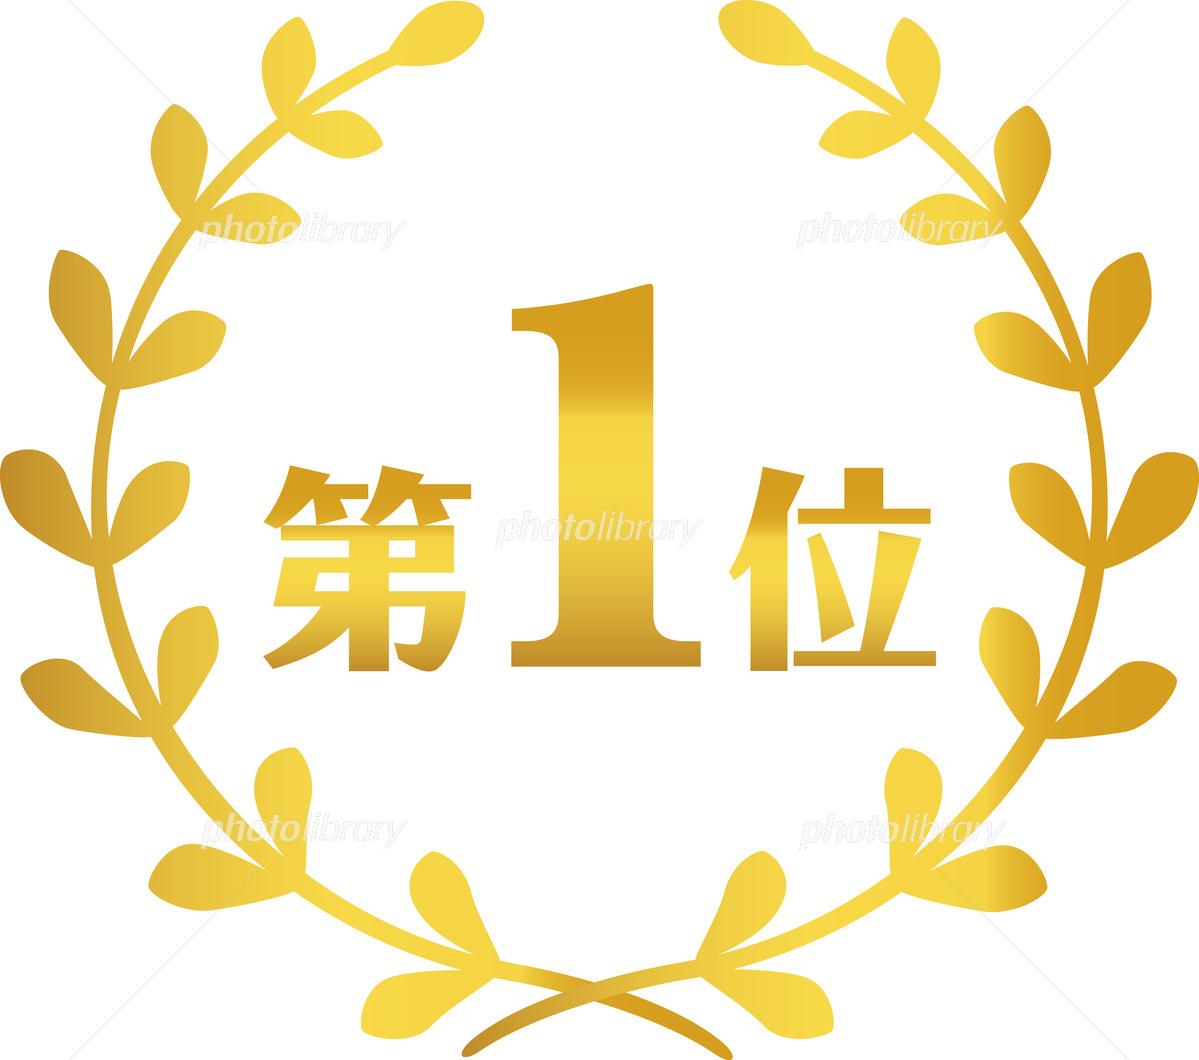 第一位の月桂樹のアイコン 日本語 イラスト素材 5510918 フォト